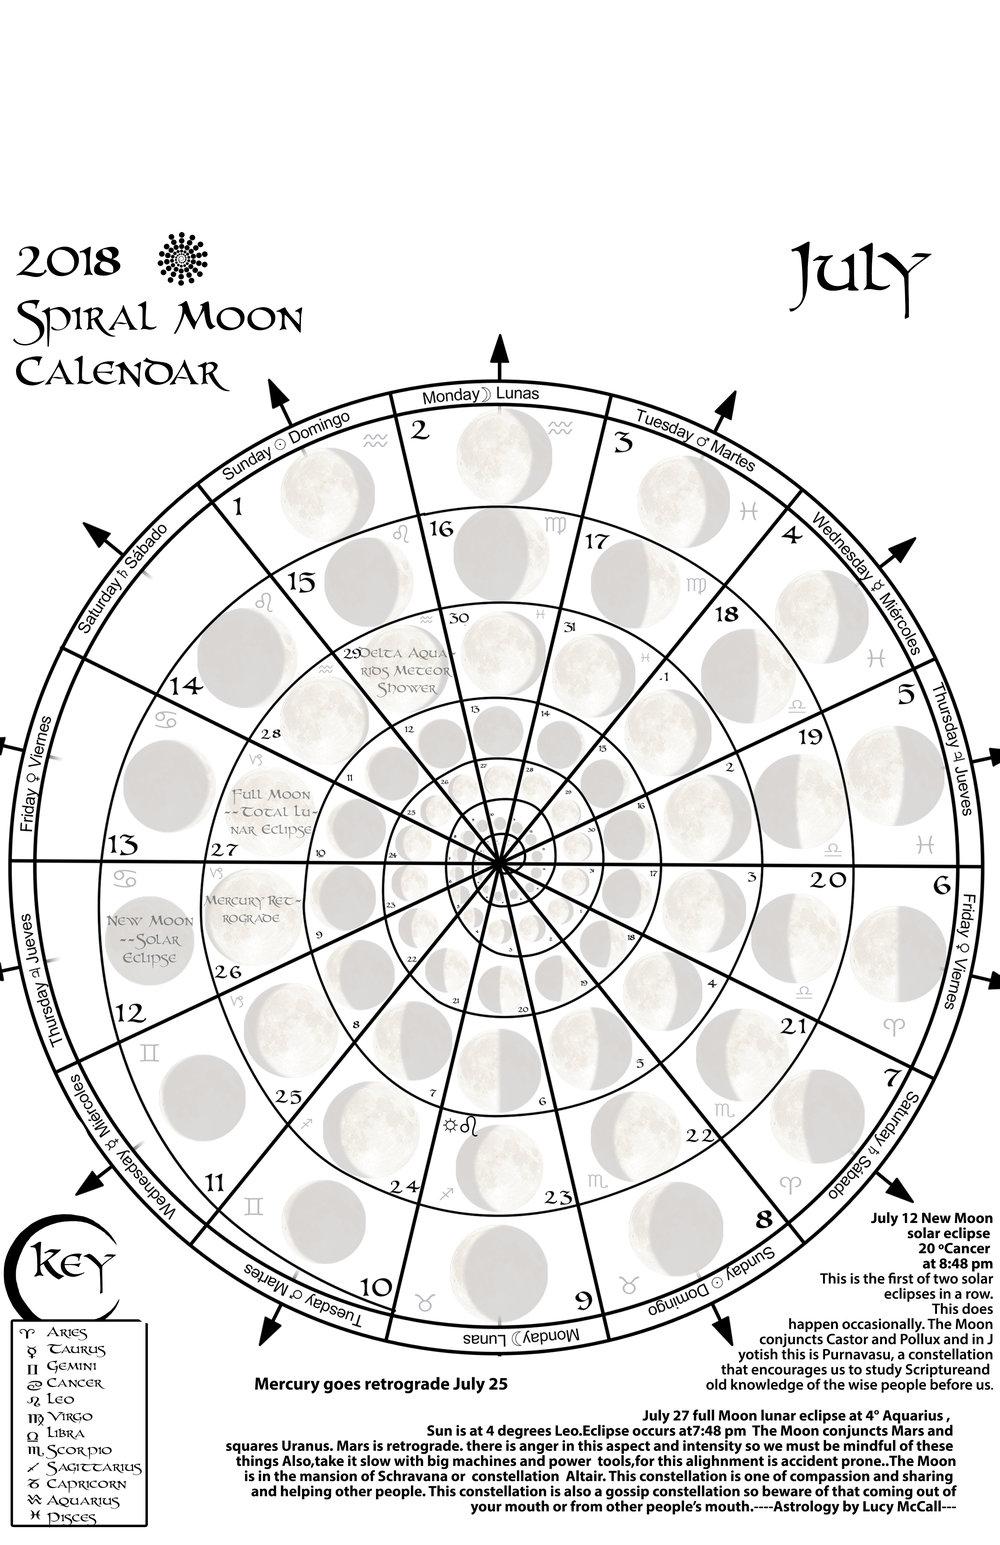 7Spiral Moon Calendar 2018 july .jpg